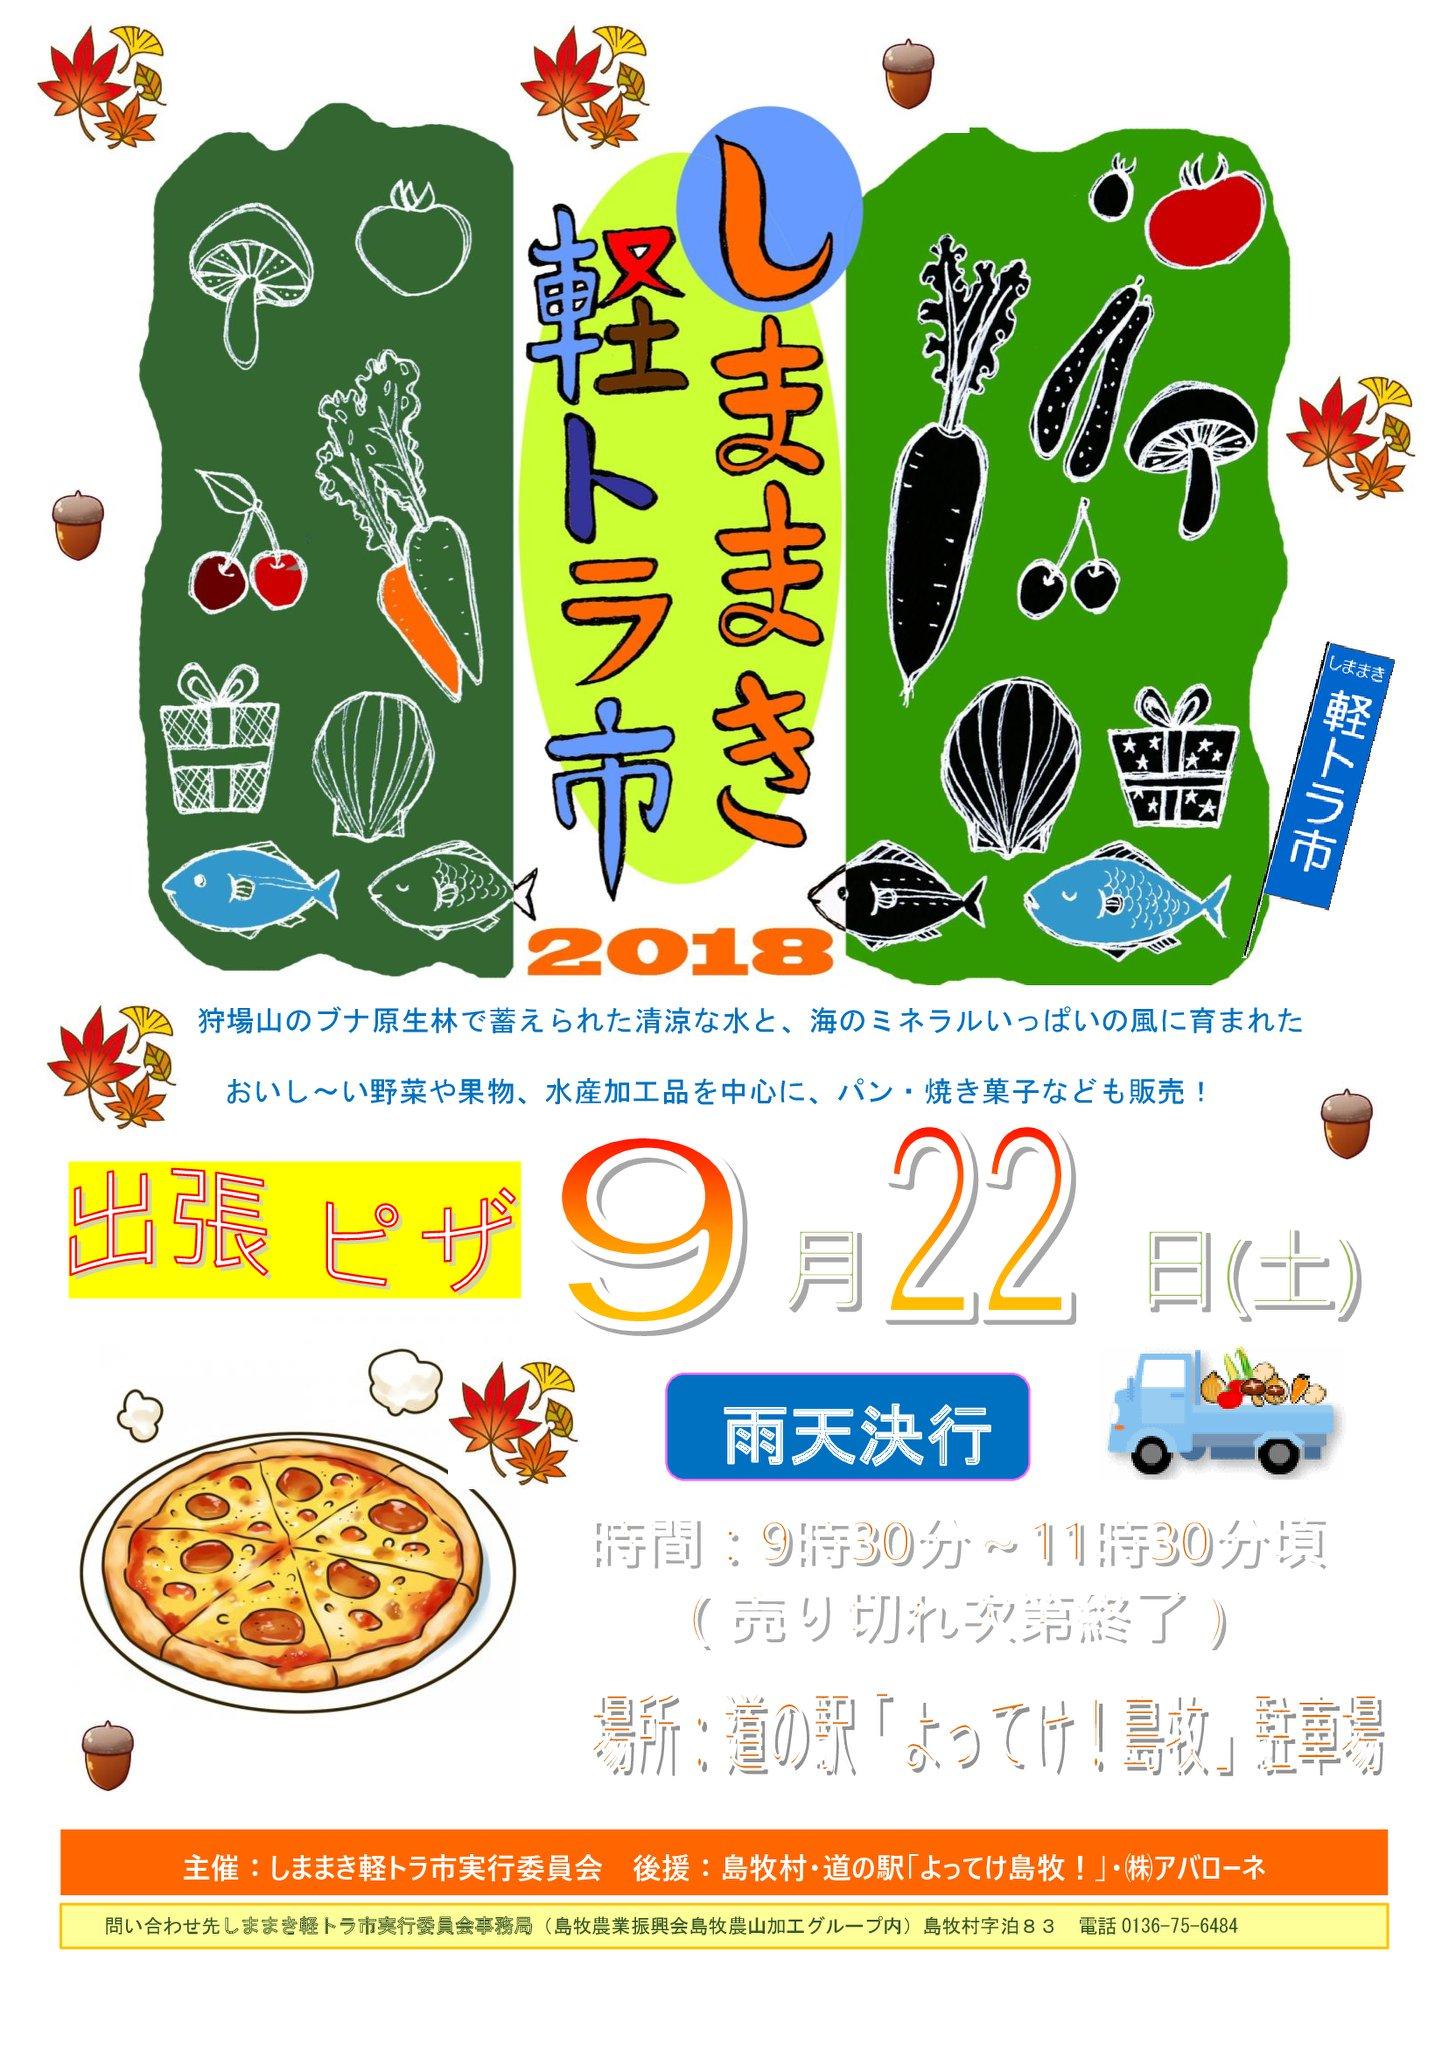 しままき軽トラ市 2018